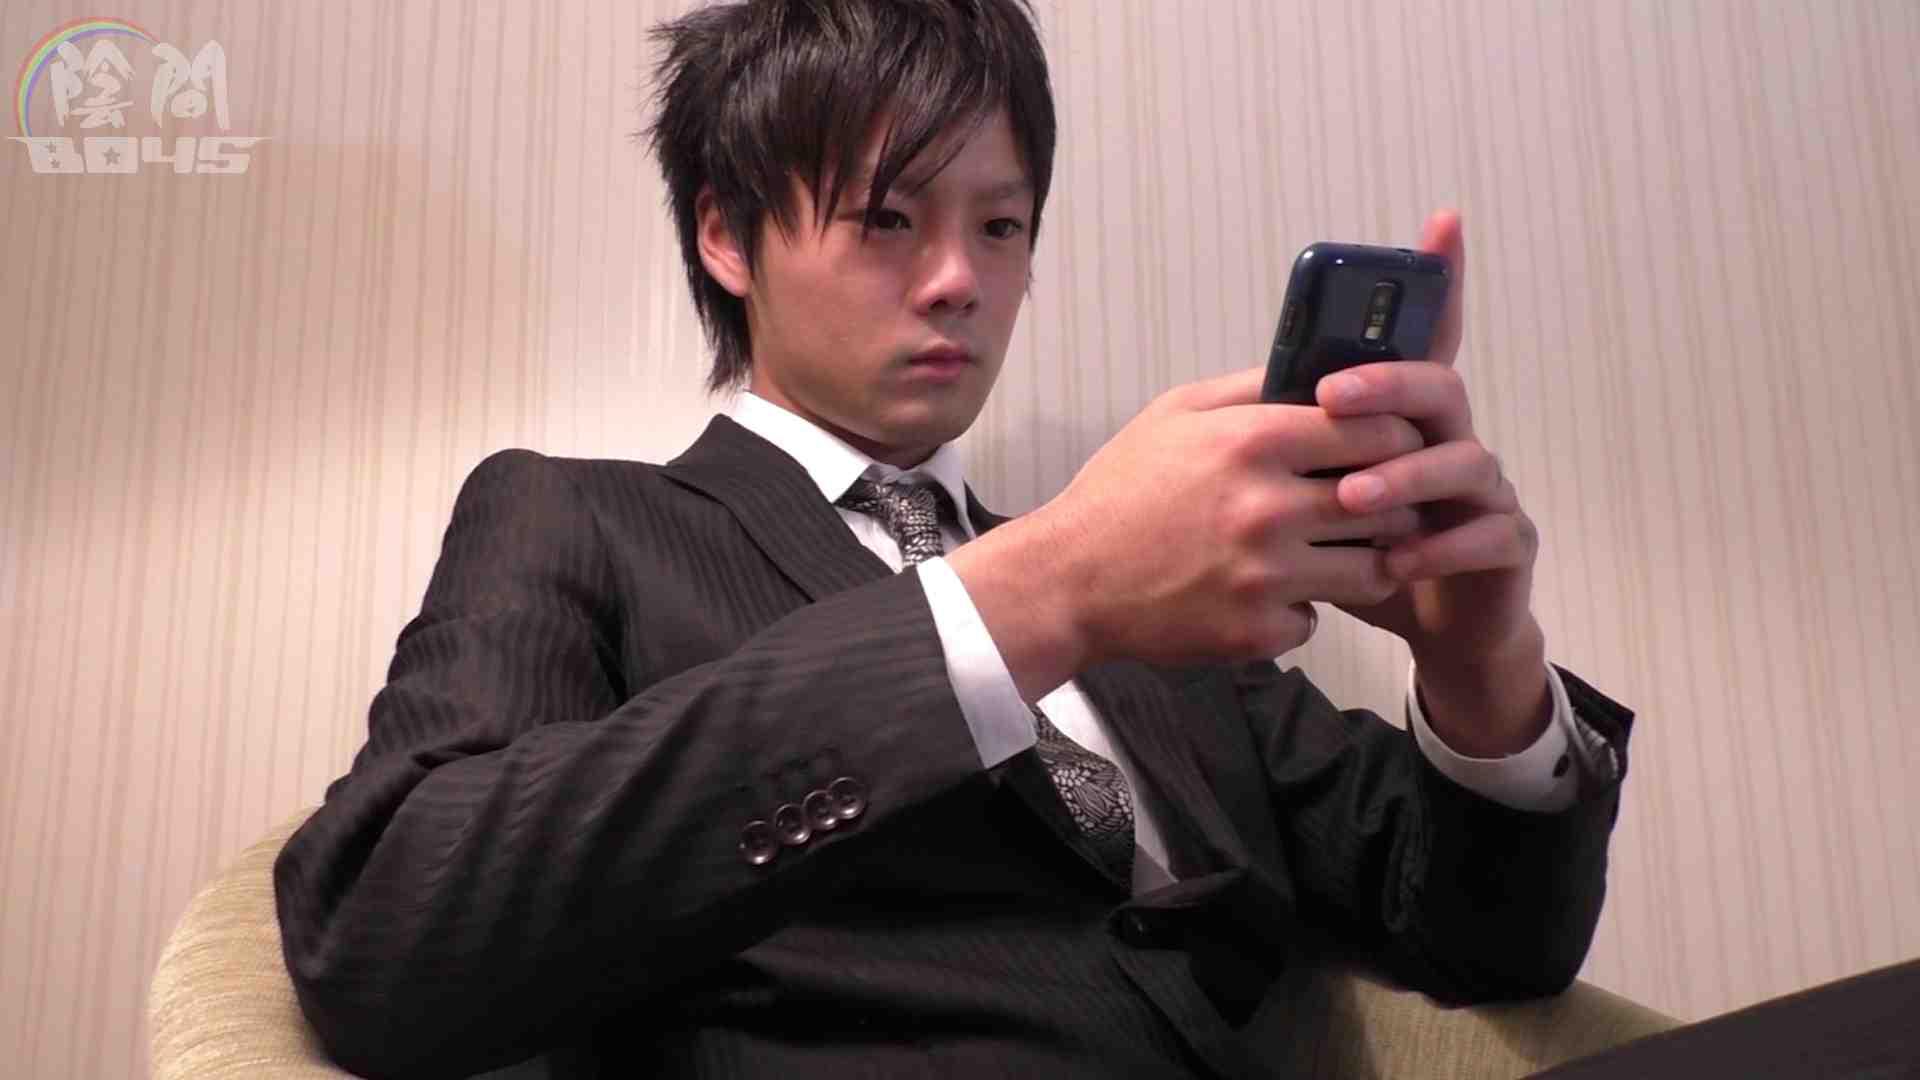 """キャバクラの仕事は""""アナル""""から1 Vol.01 無修正 ゲイエロビデオ画像 86pic 36"""